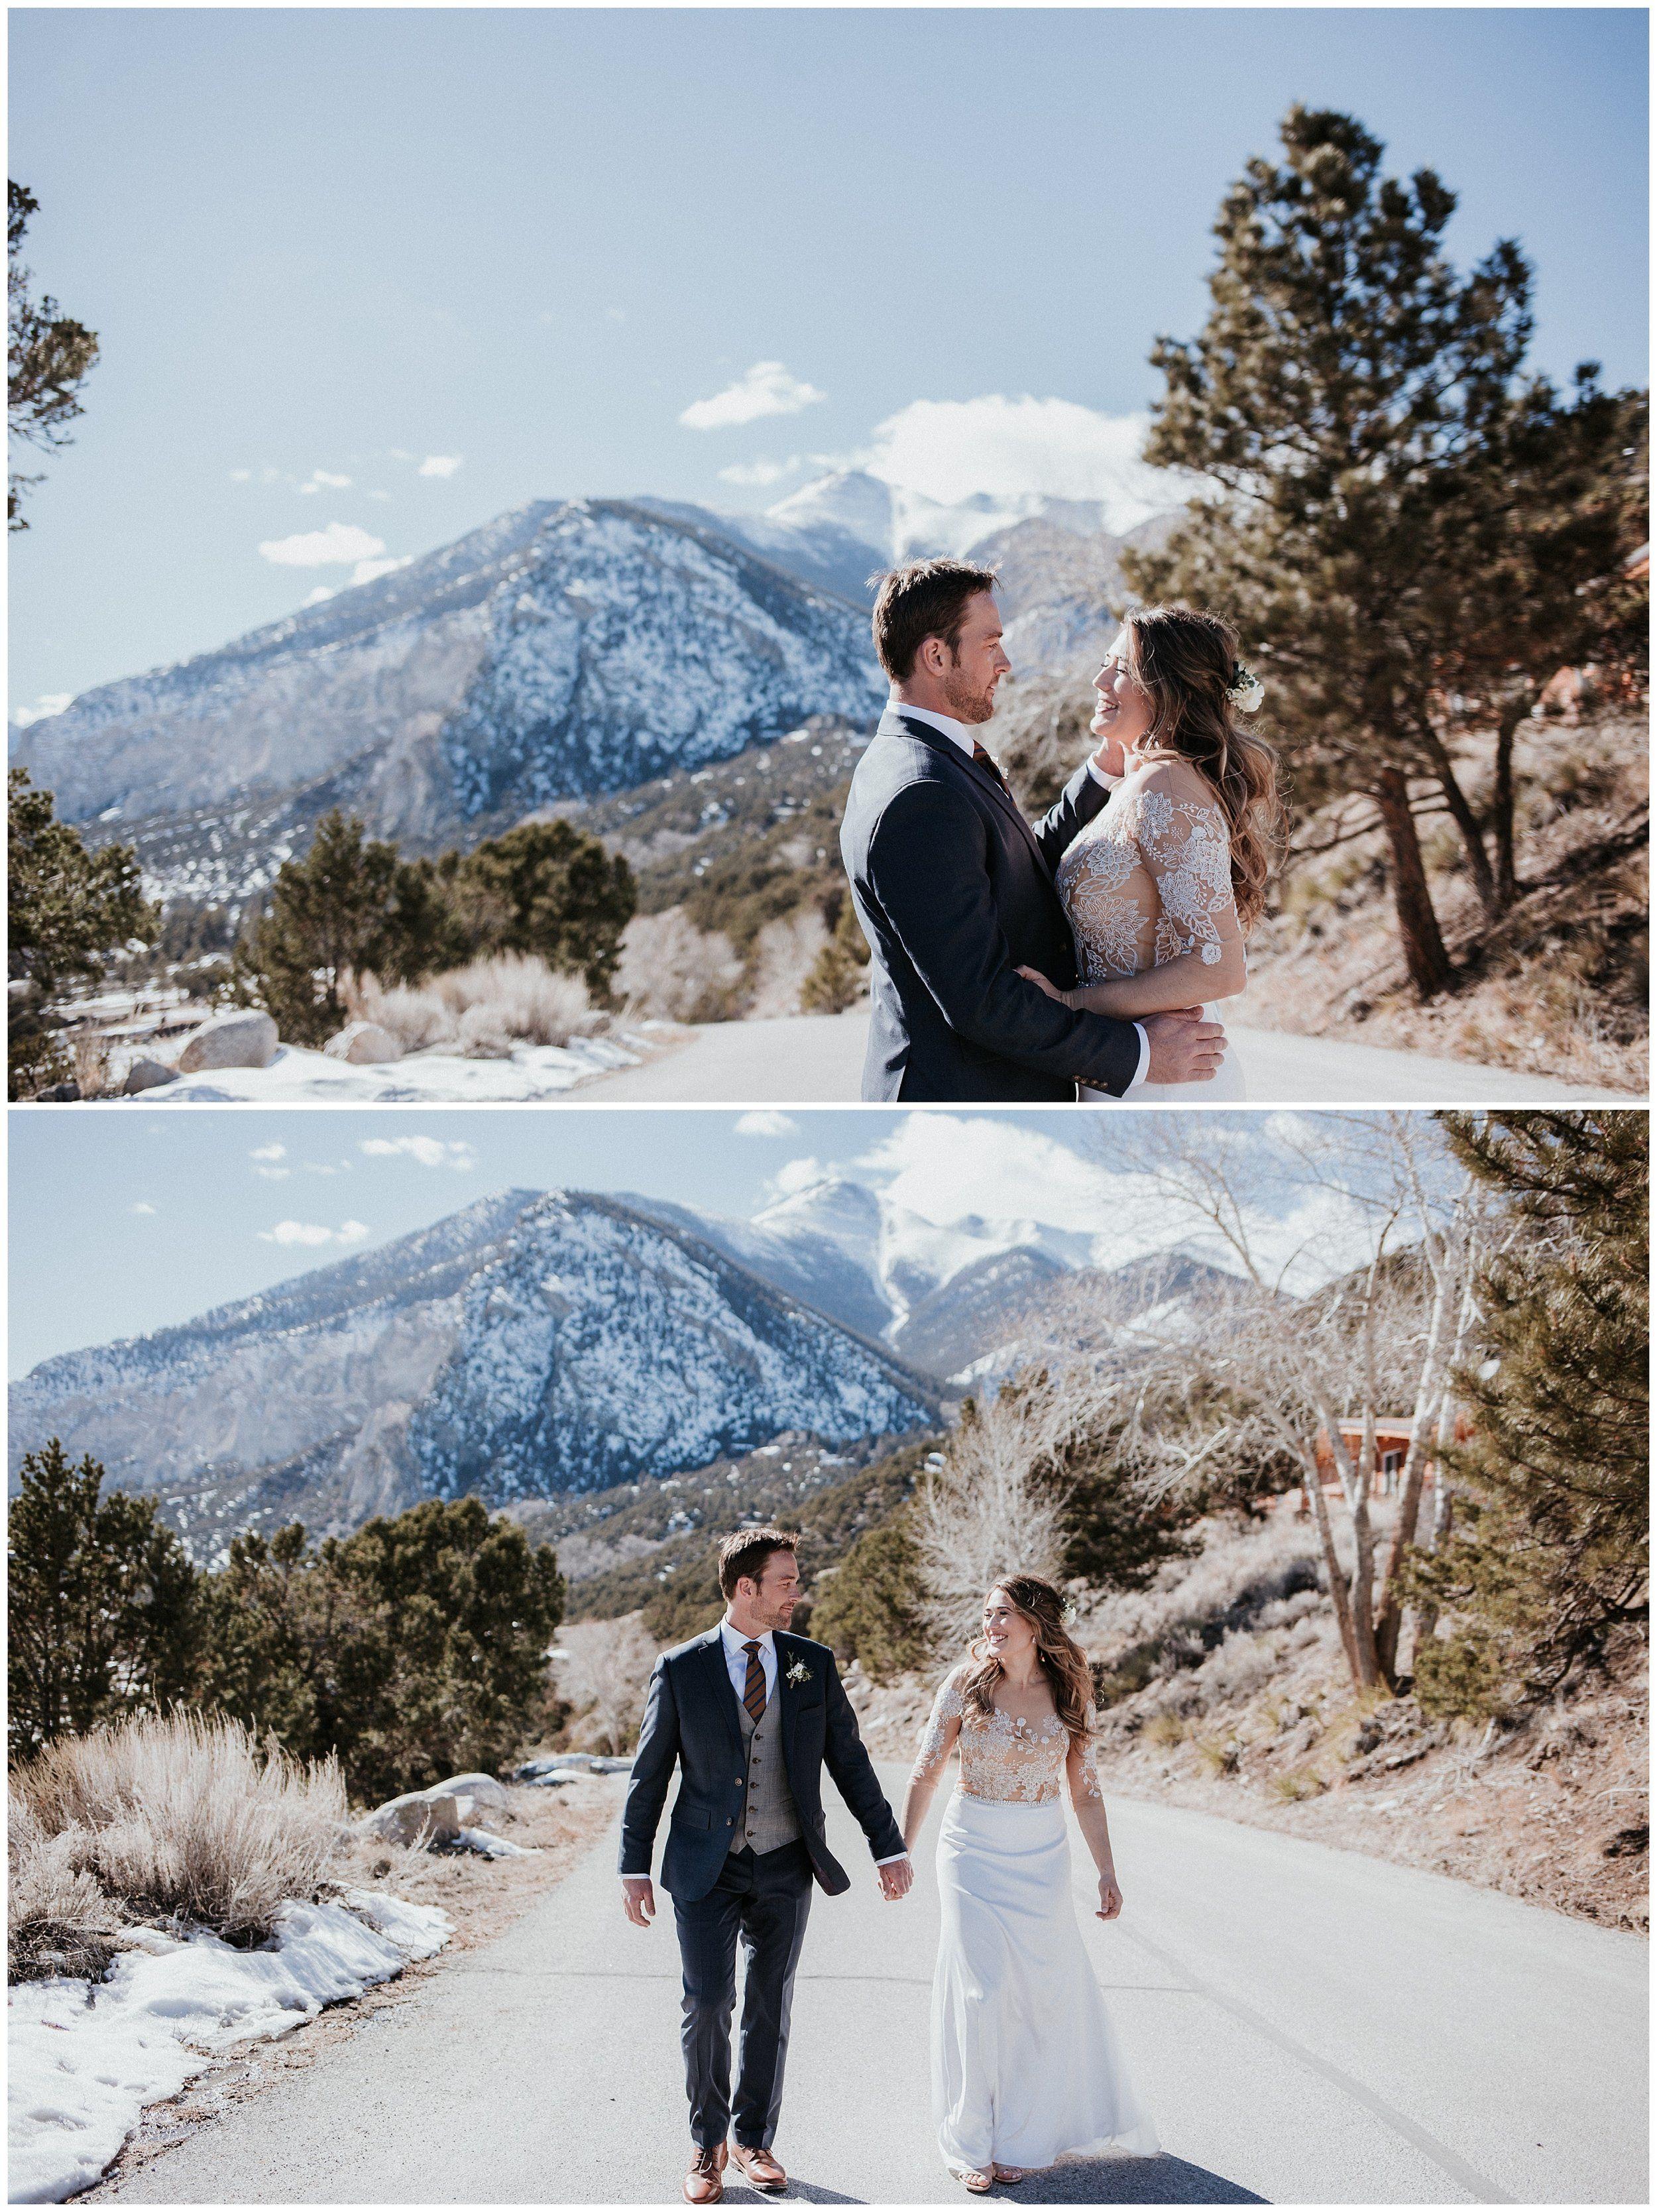 Molly Margaret Photography Alicia Kyle Mt Princeton Hot Springs Wedding Colorado Wedding Photographer Colorado Wedding Colorado Wedding Photographer Moody Wedding Photography